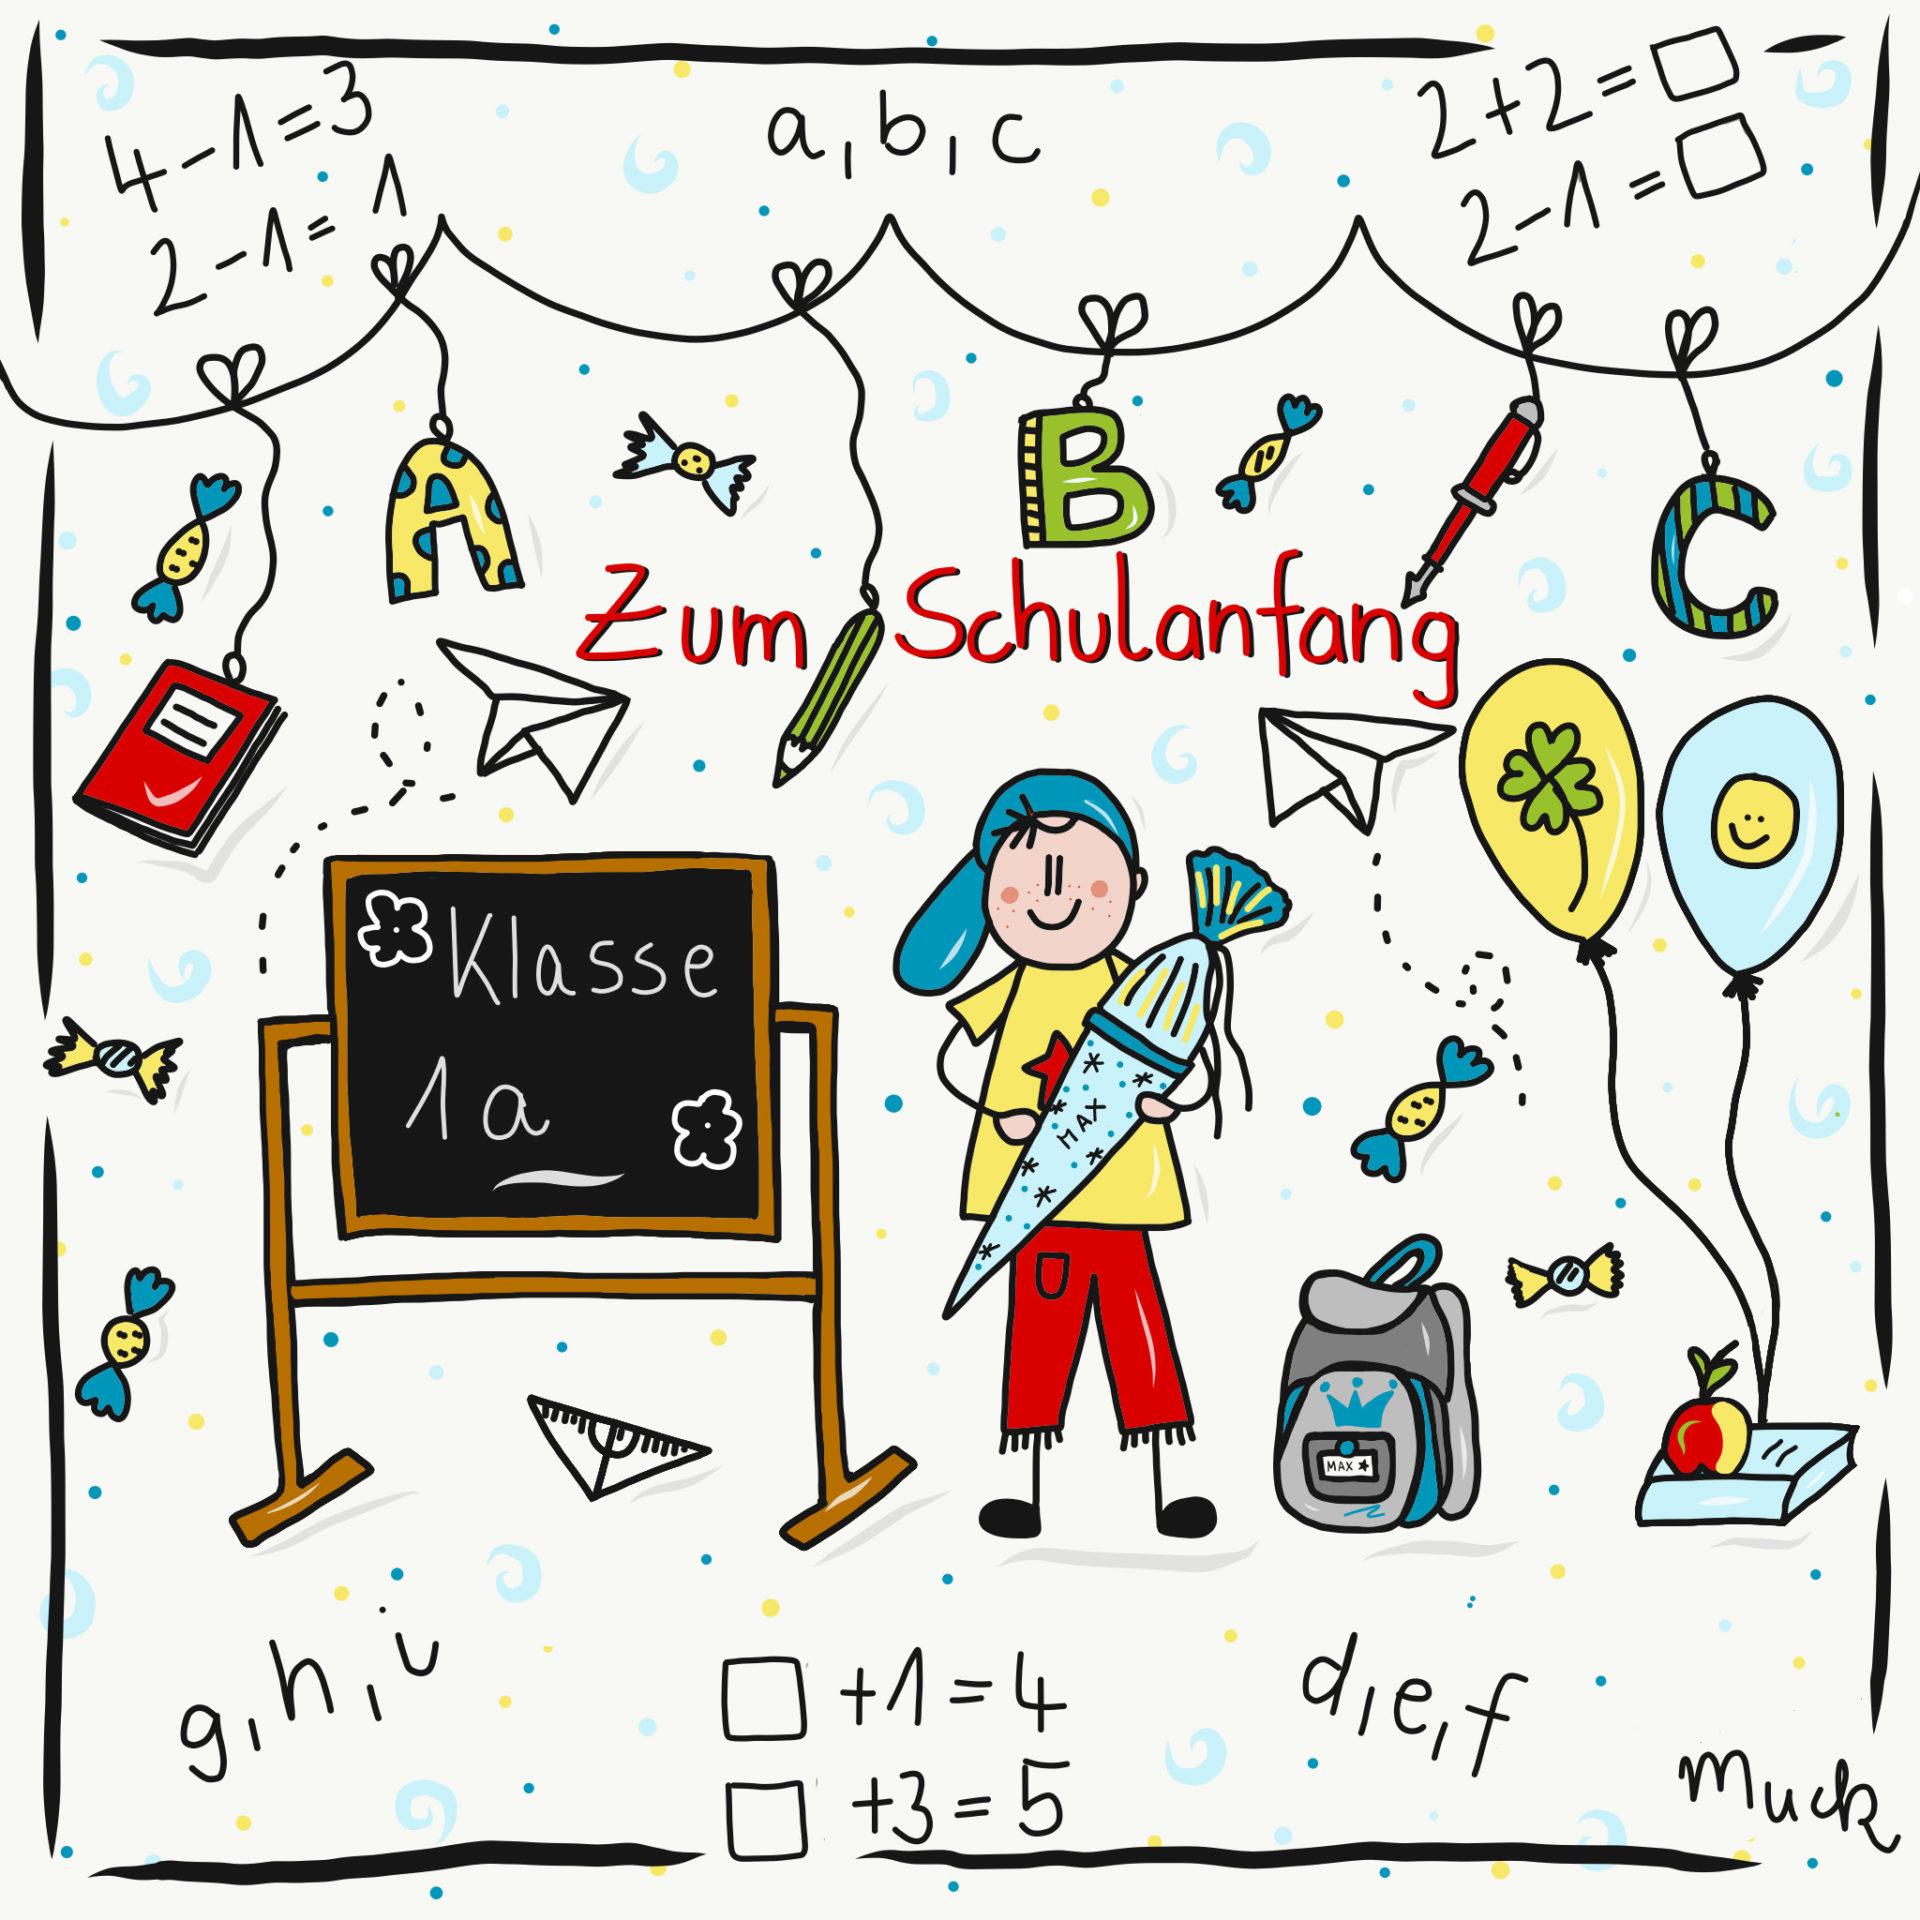 Zum Schulanfang - Aufkleber - Claudia Weber - Muck's Arts